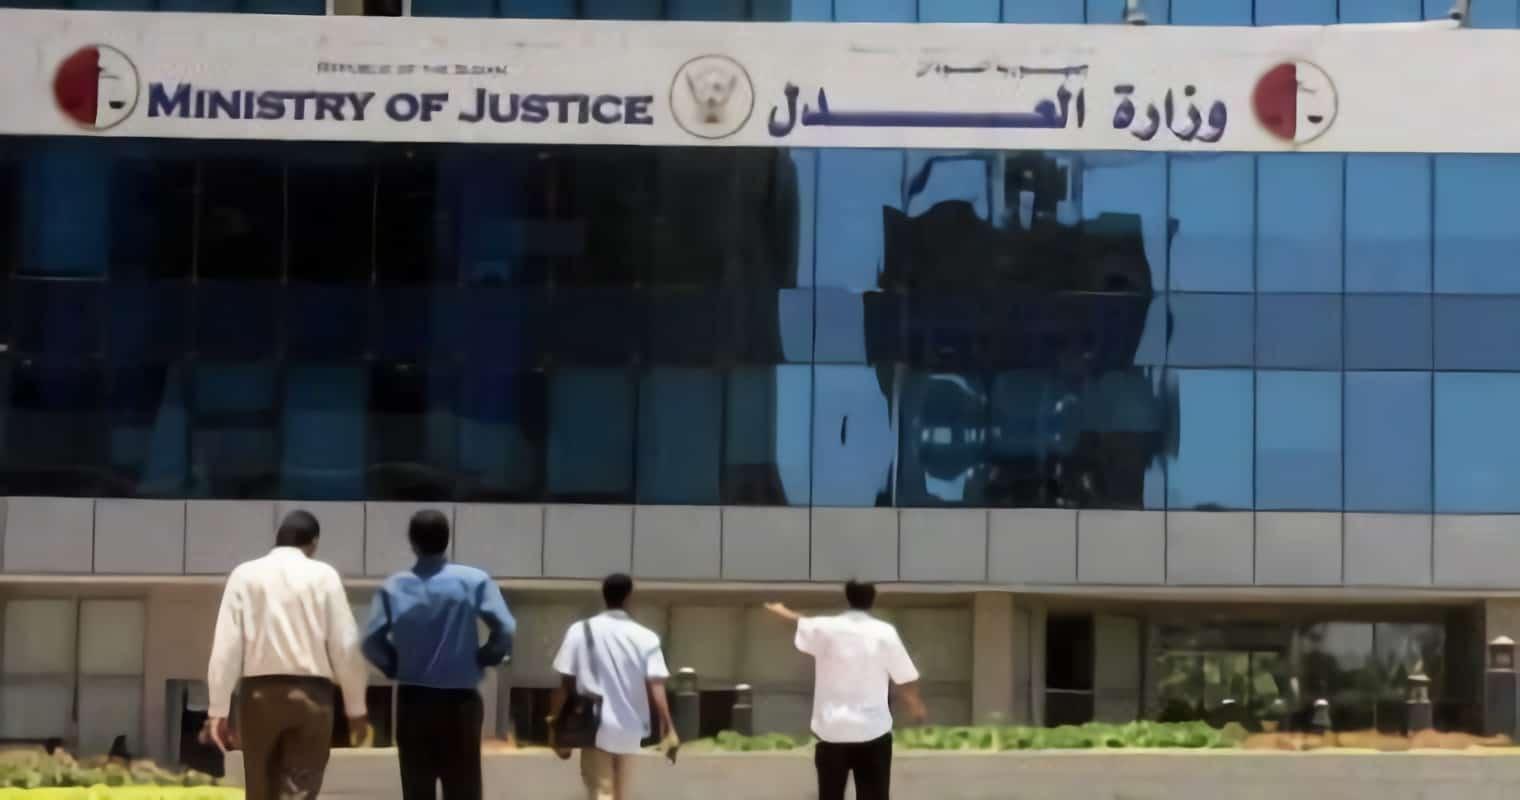 السودان: المتحري يروي للمحكمة وقائع دهس ضابط الدعم السريع لمتظاهر